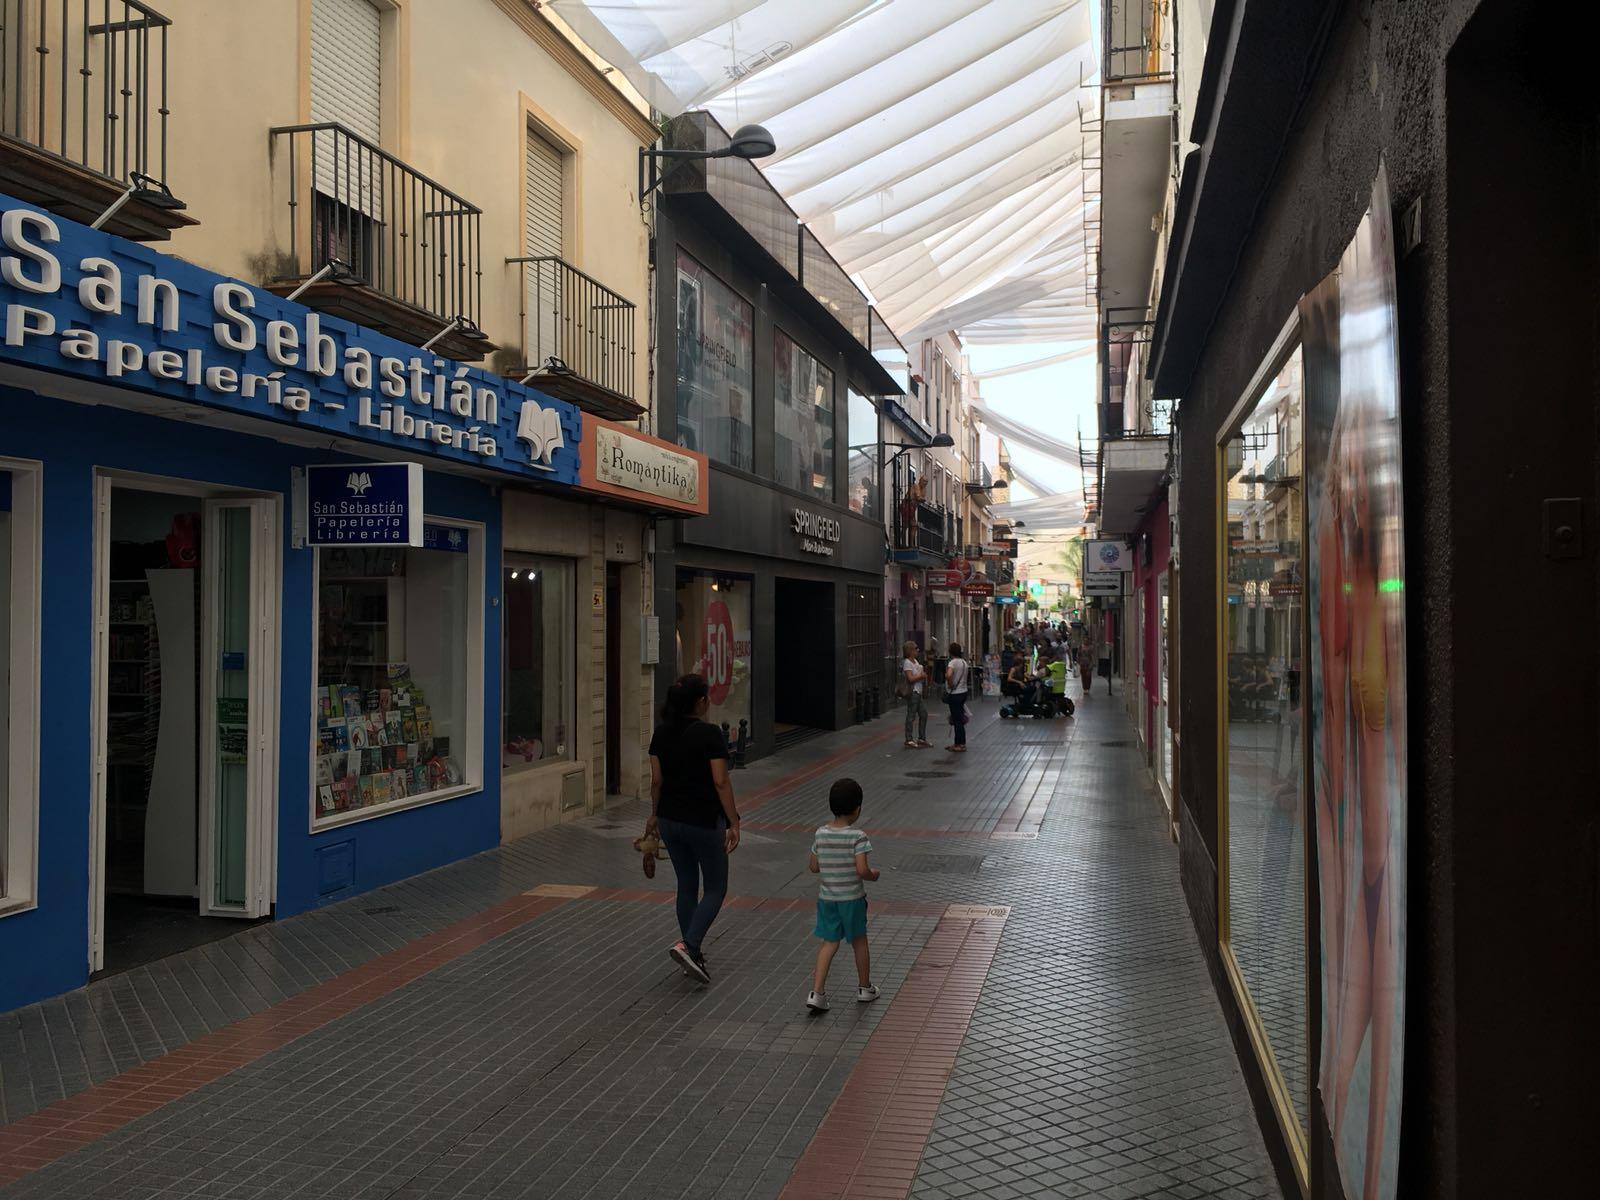 tienda de calle san sebastián